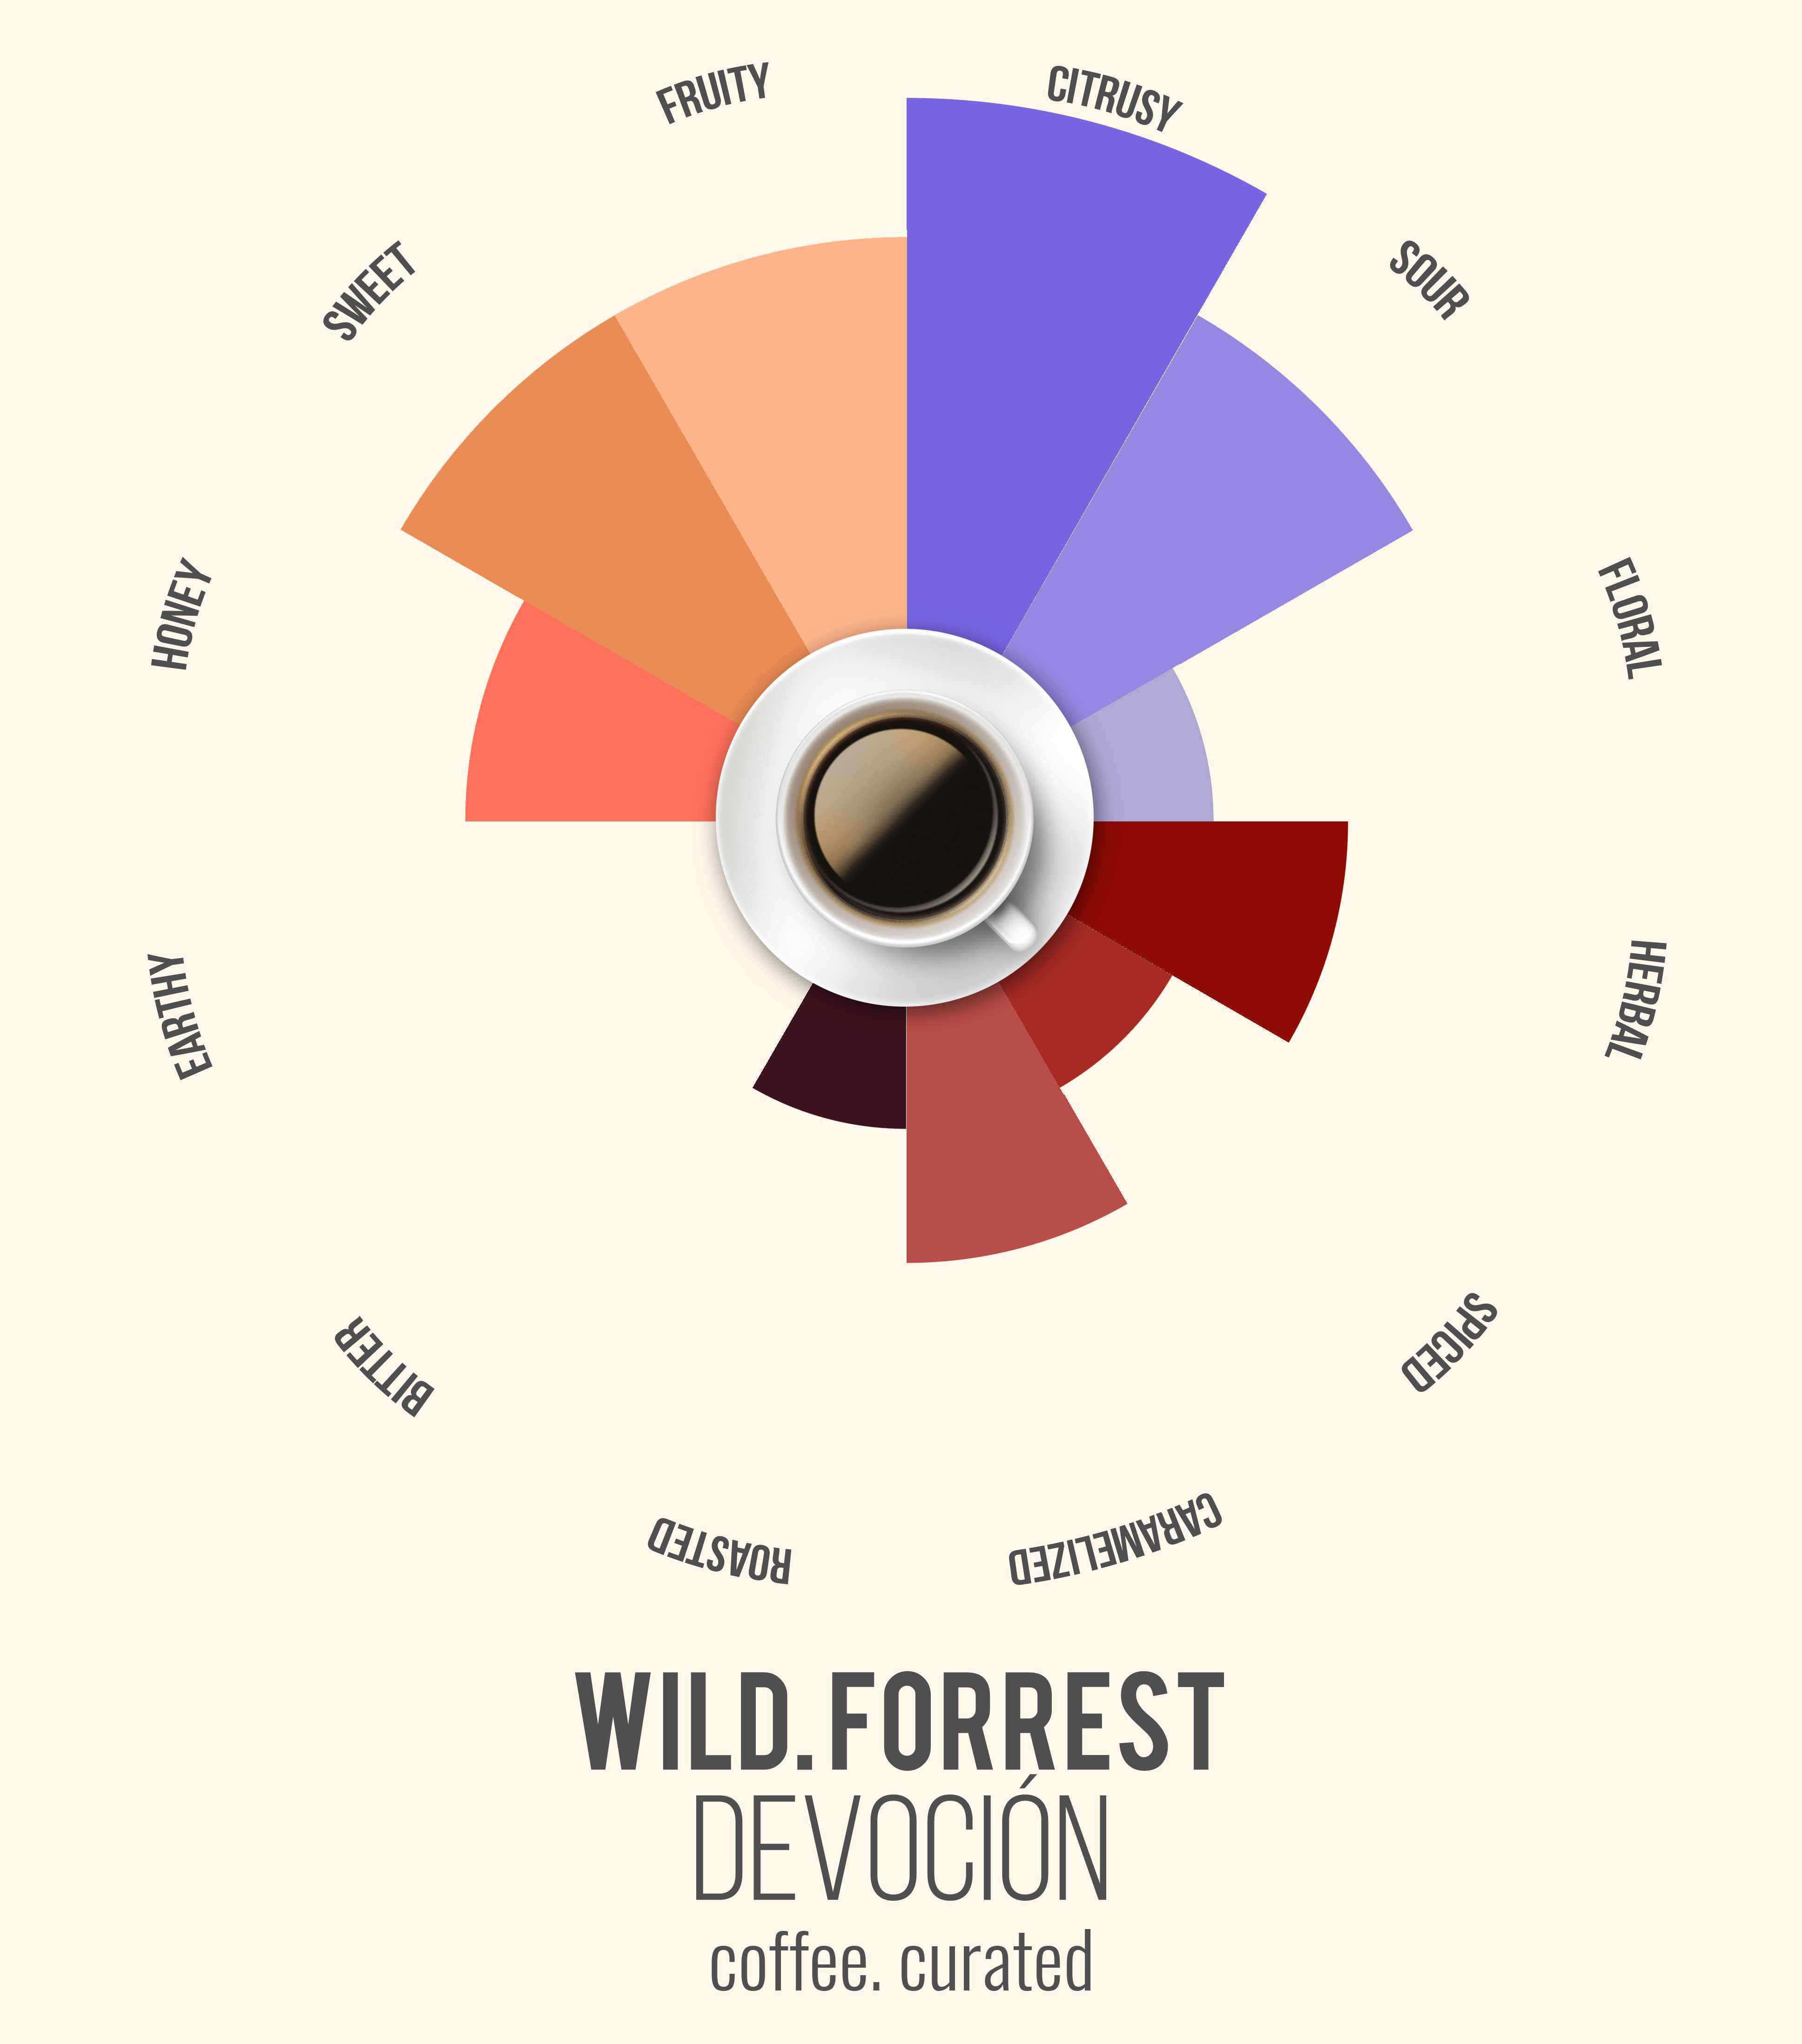 WILD FORREST Devocion Coffee